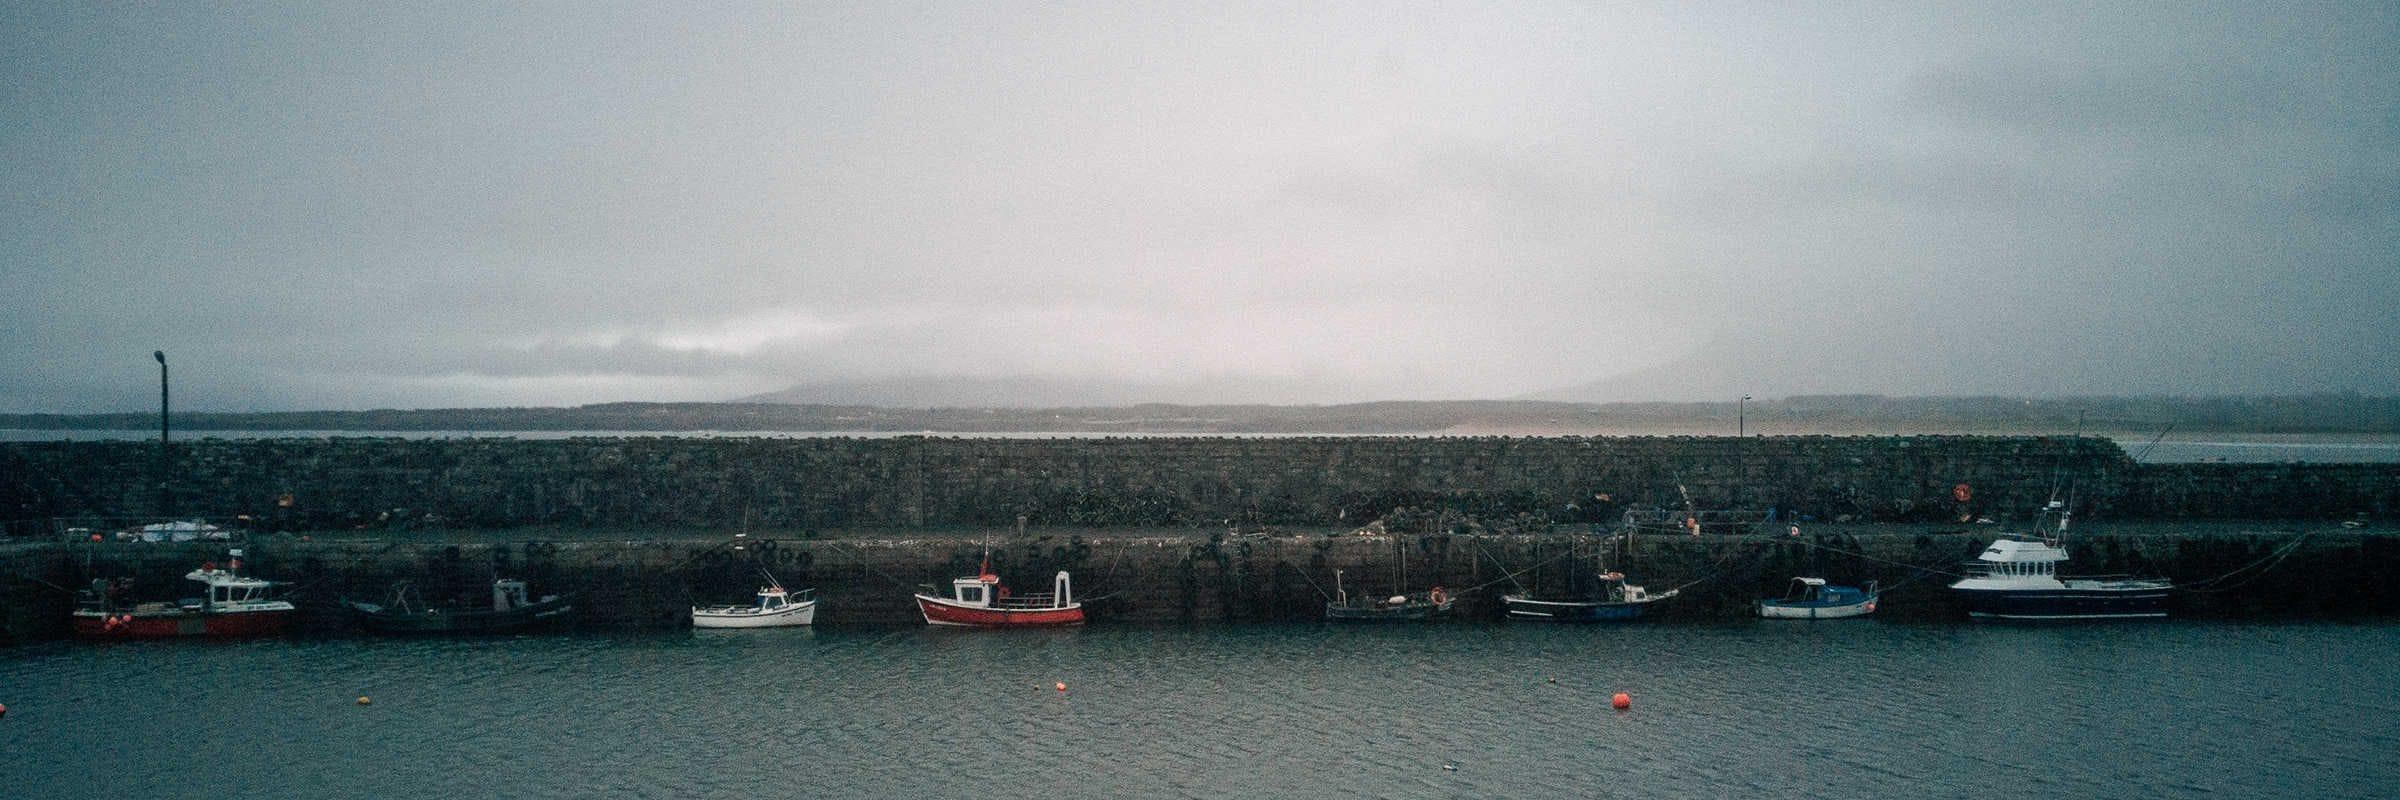 Sur la route de Sligo: entre mer et montagnes sur la côte irlandaise